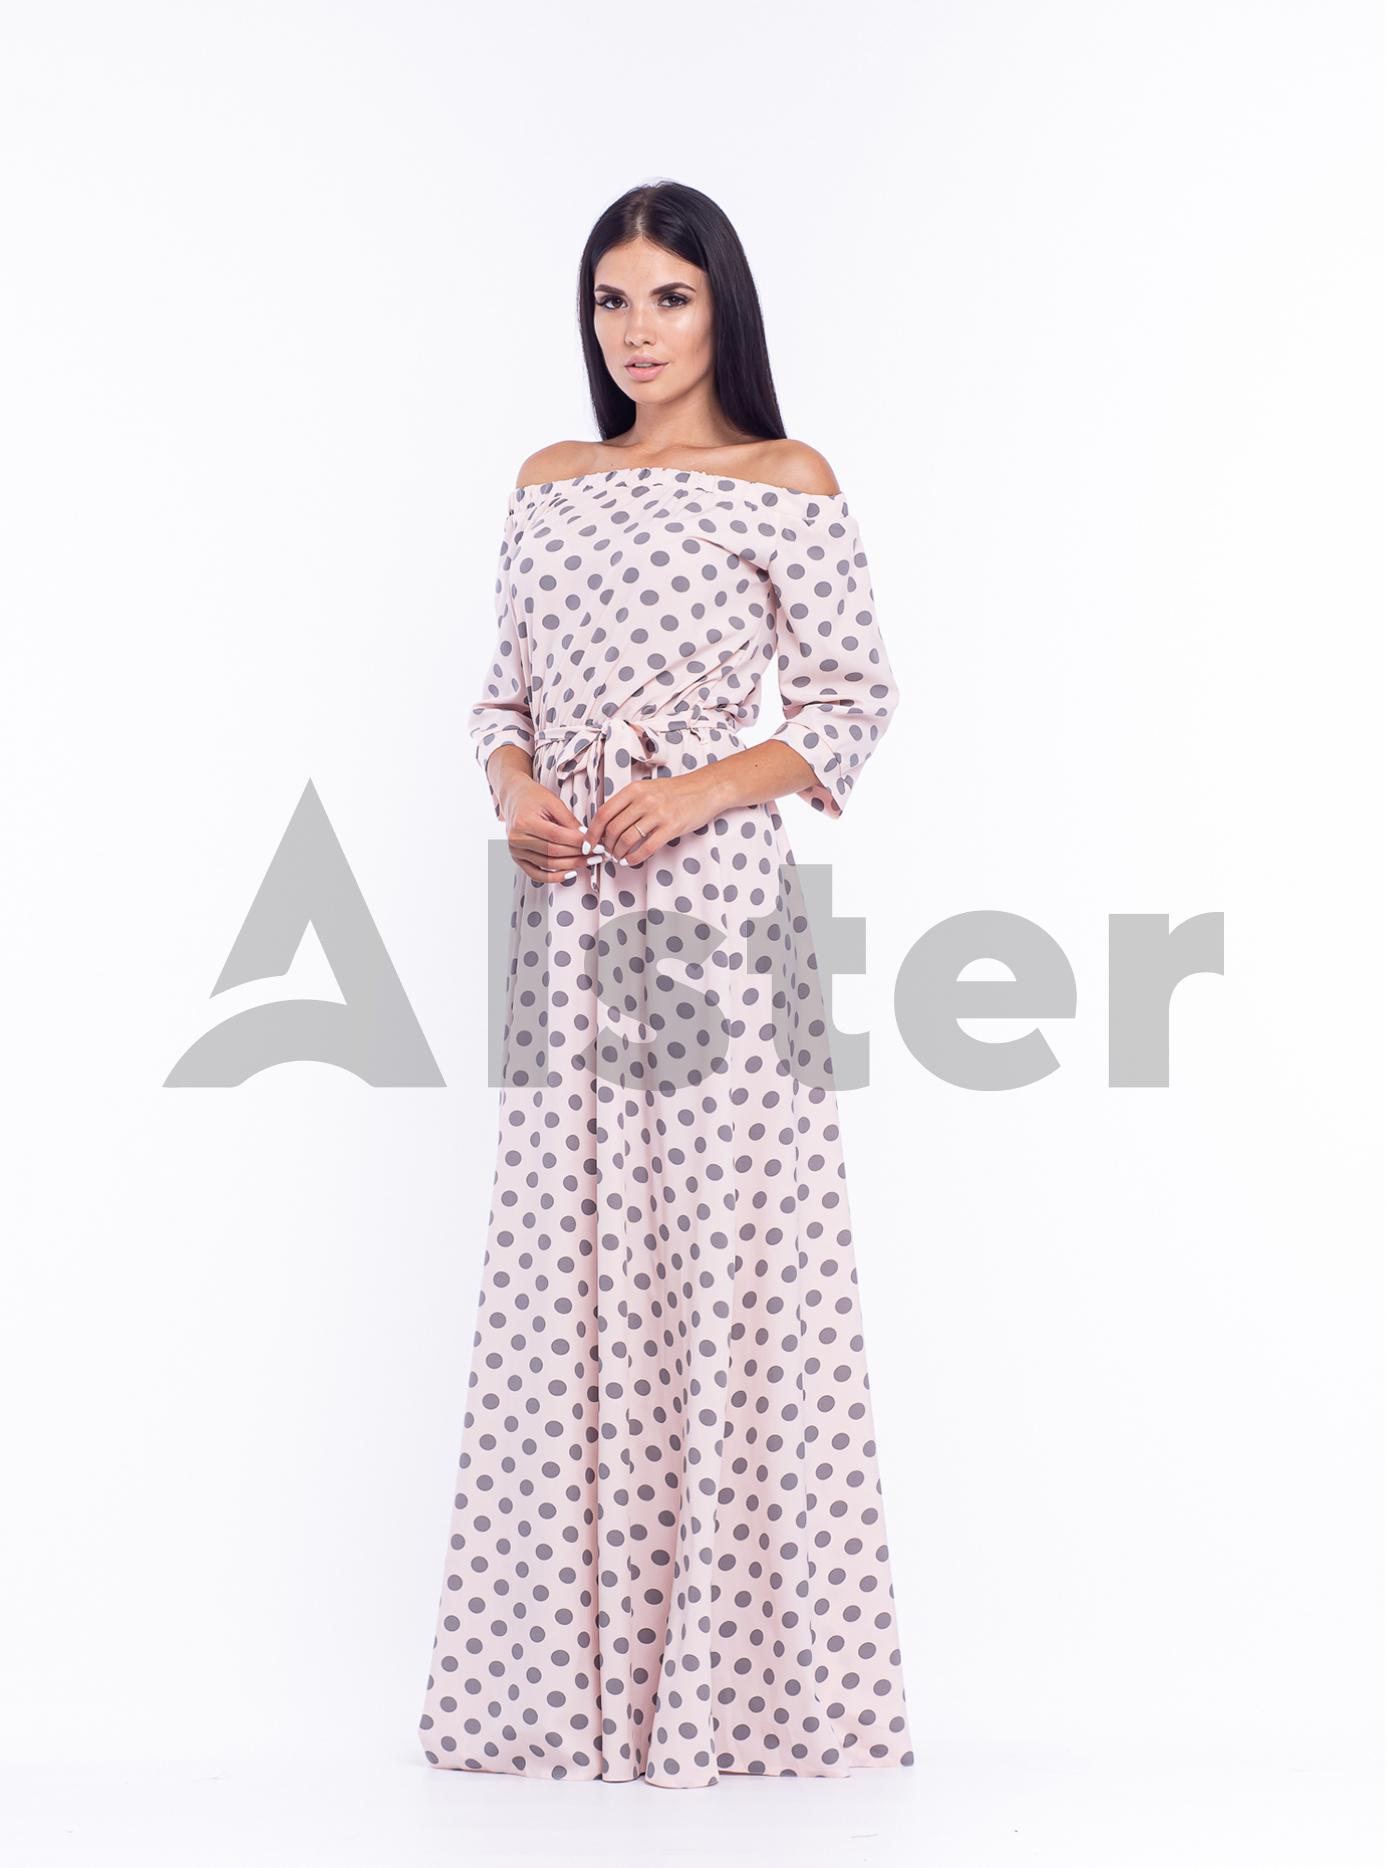 Платье длинное Матрена Светло розовый 46 (04-8987990): фото - Alster.ua